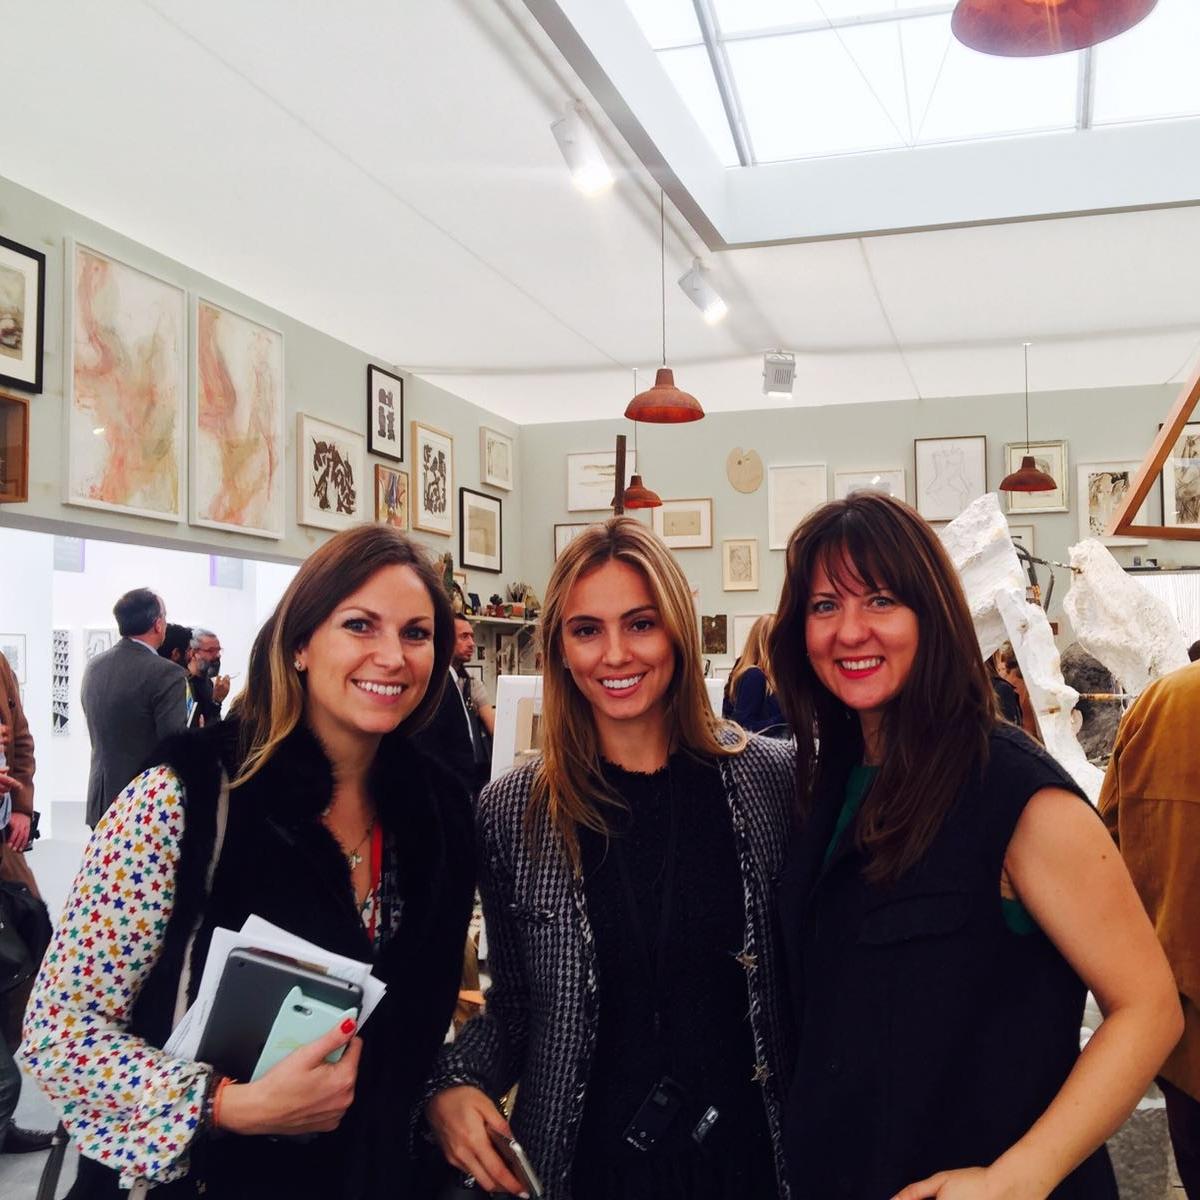 Sarah Bourghardt, Alina Uspenskaya and Alina Davey on the ArtSocial tour of Frieze Art Fair 2016.